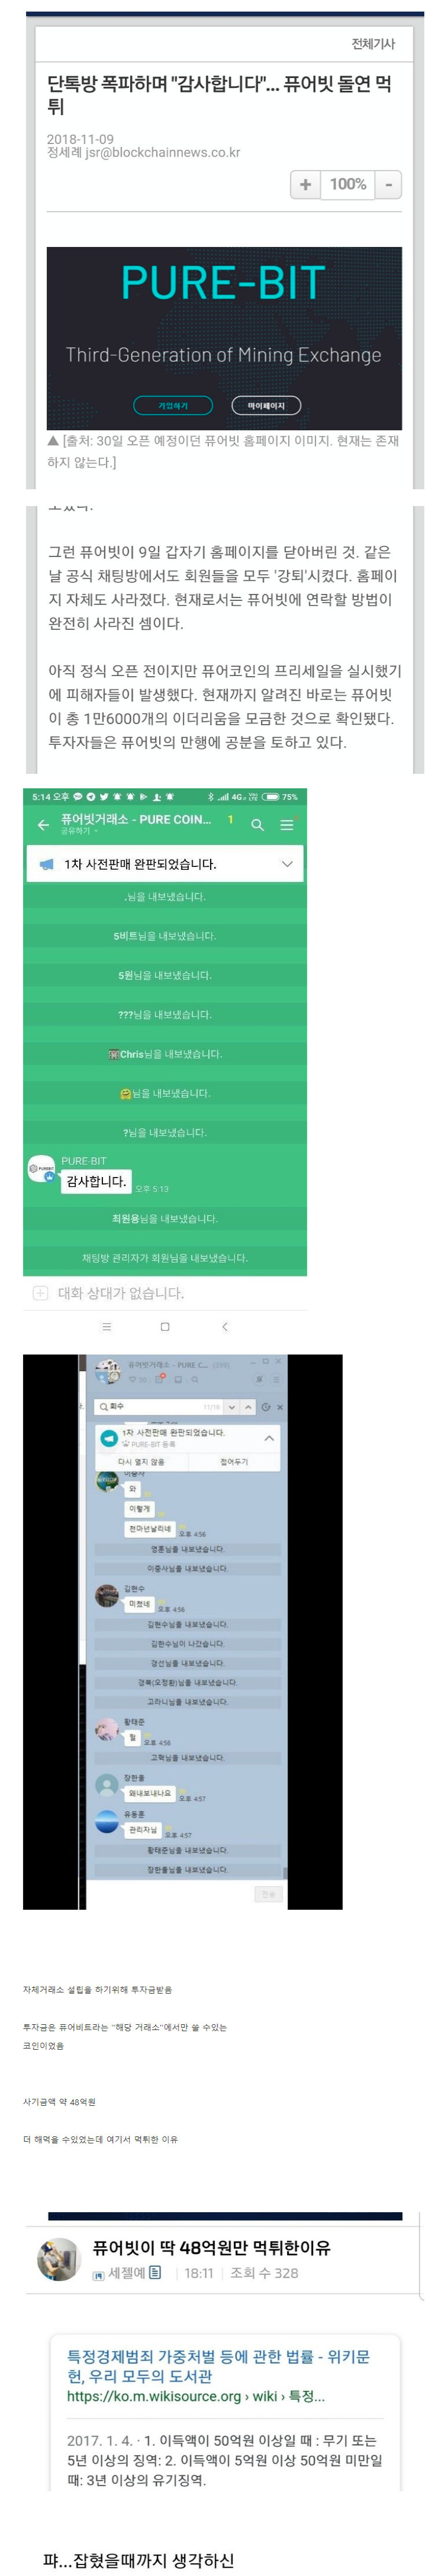 screenshot-2018.11.10-03-41-19.jpg